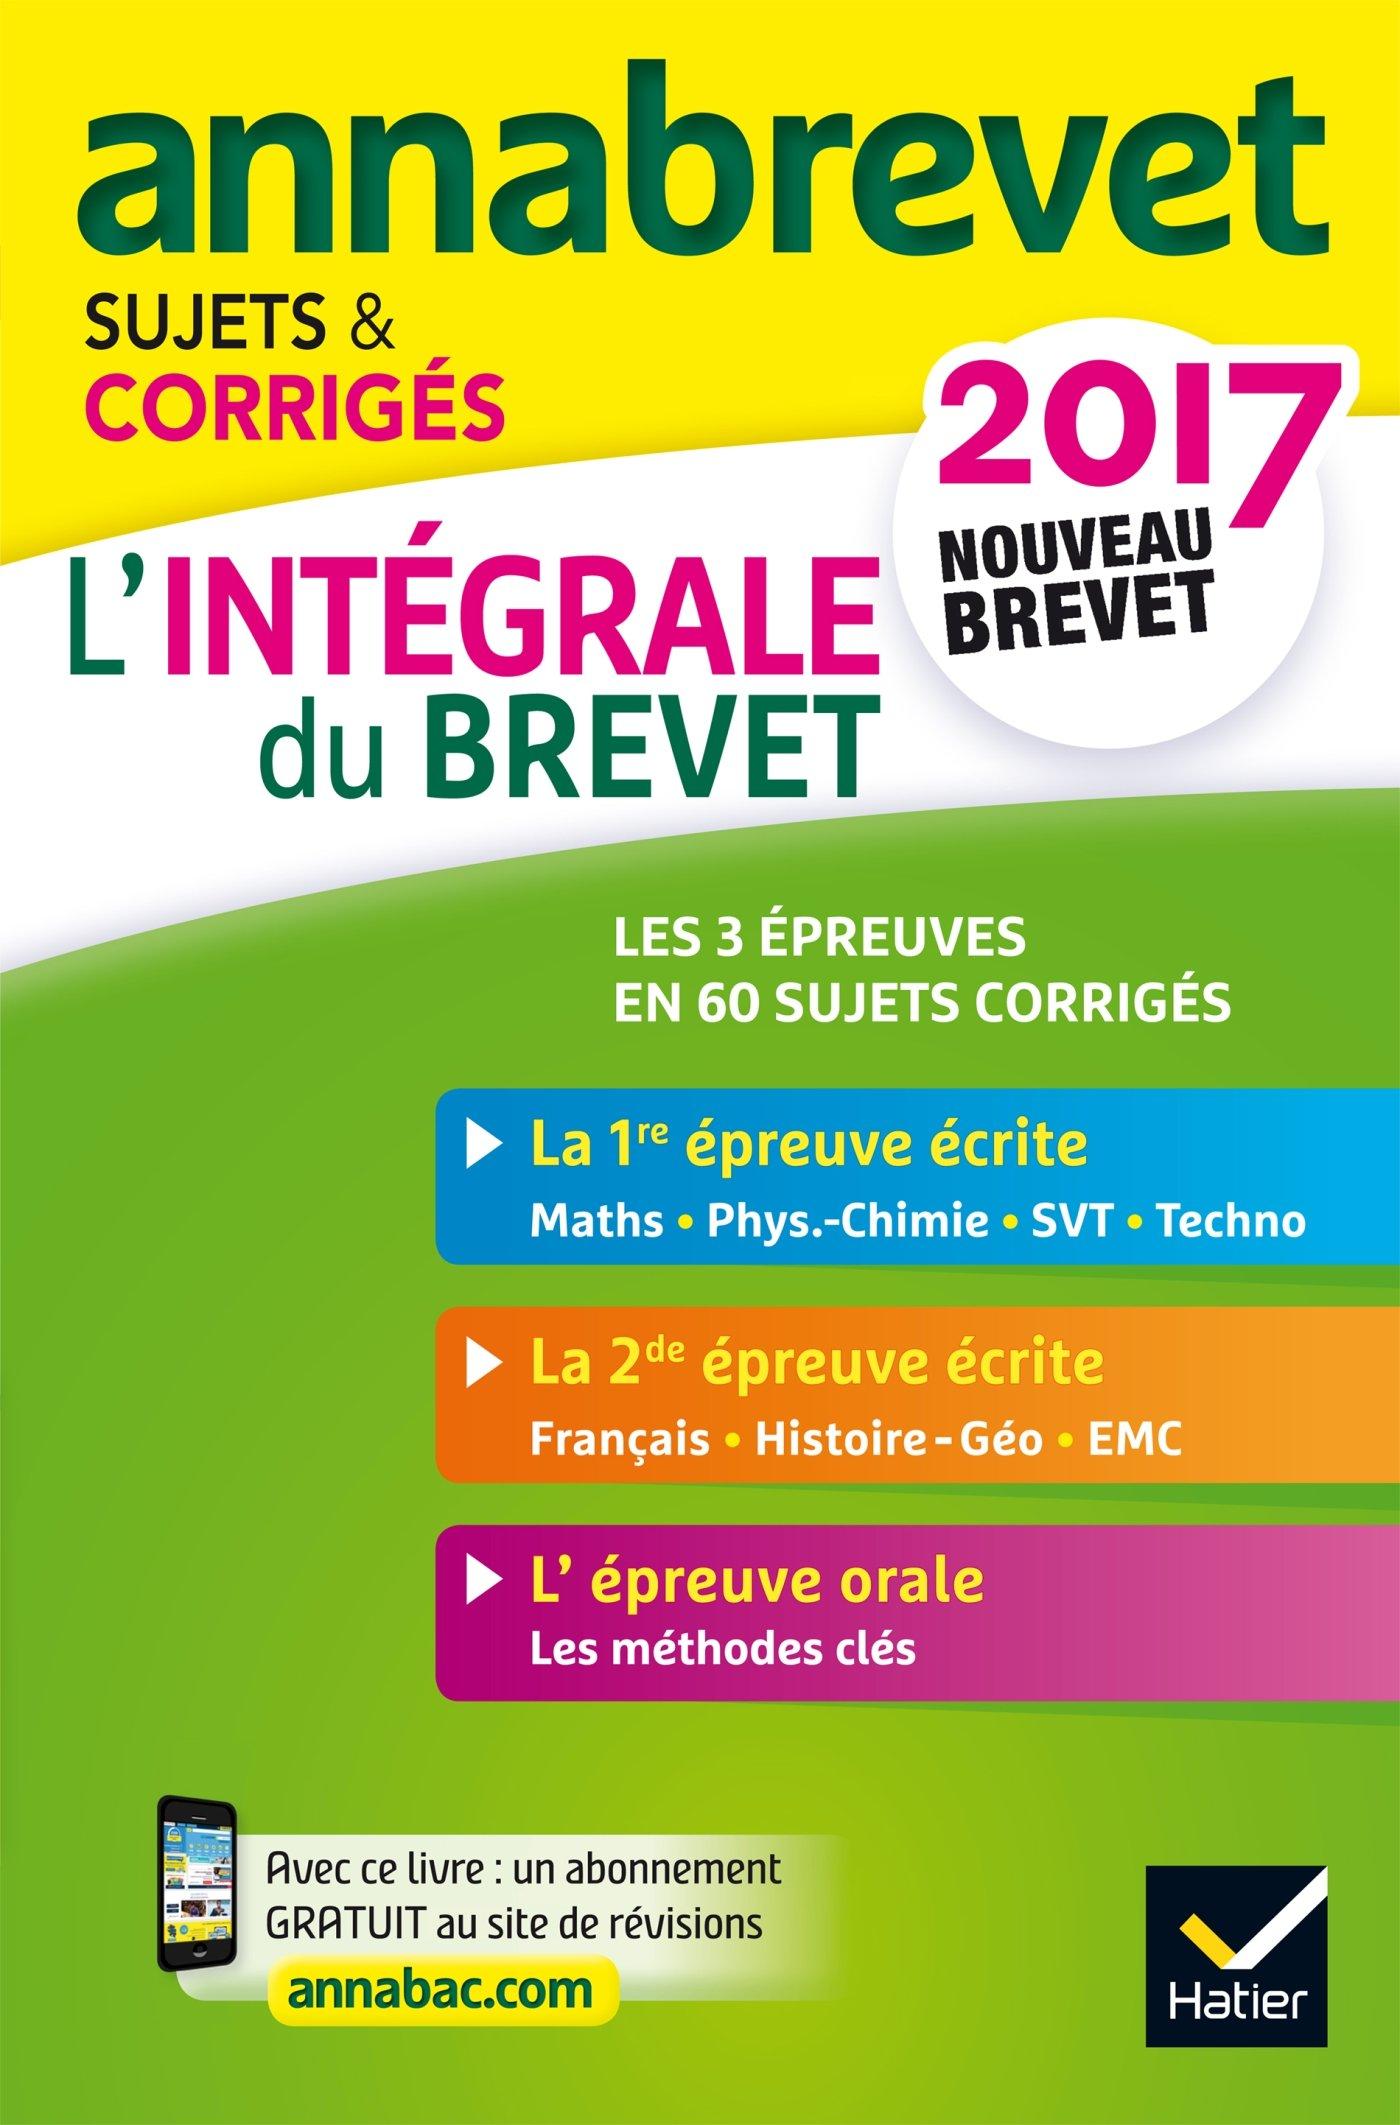 Annales Annabrevet 2017 Lintégrale du nouveau brevet 3e: sujets, corrigés & conseils de méthode: Amazon.es: Emmanuelle Michaud, Caroline Bureau, ...